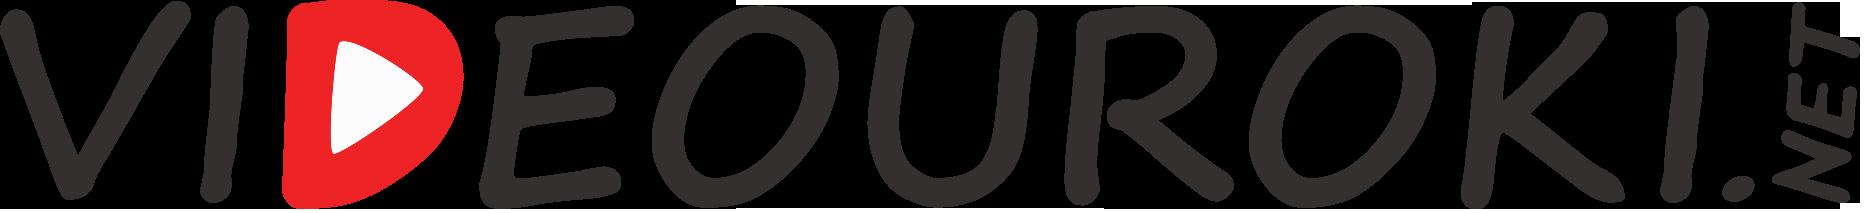 http:///img/logo-videouroki.png